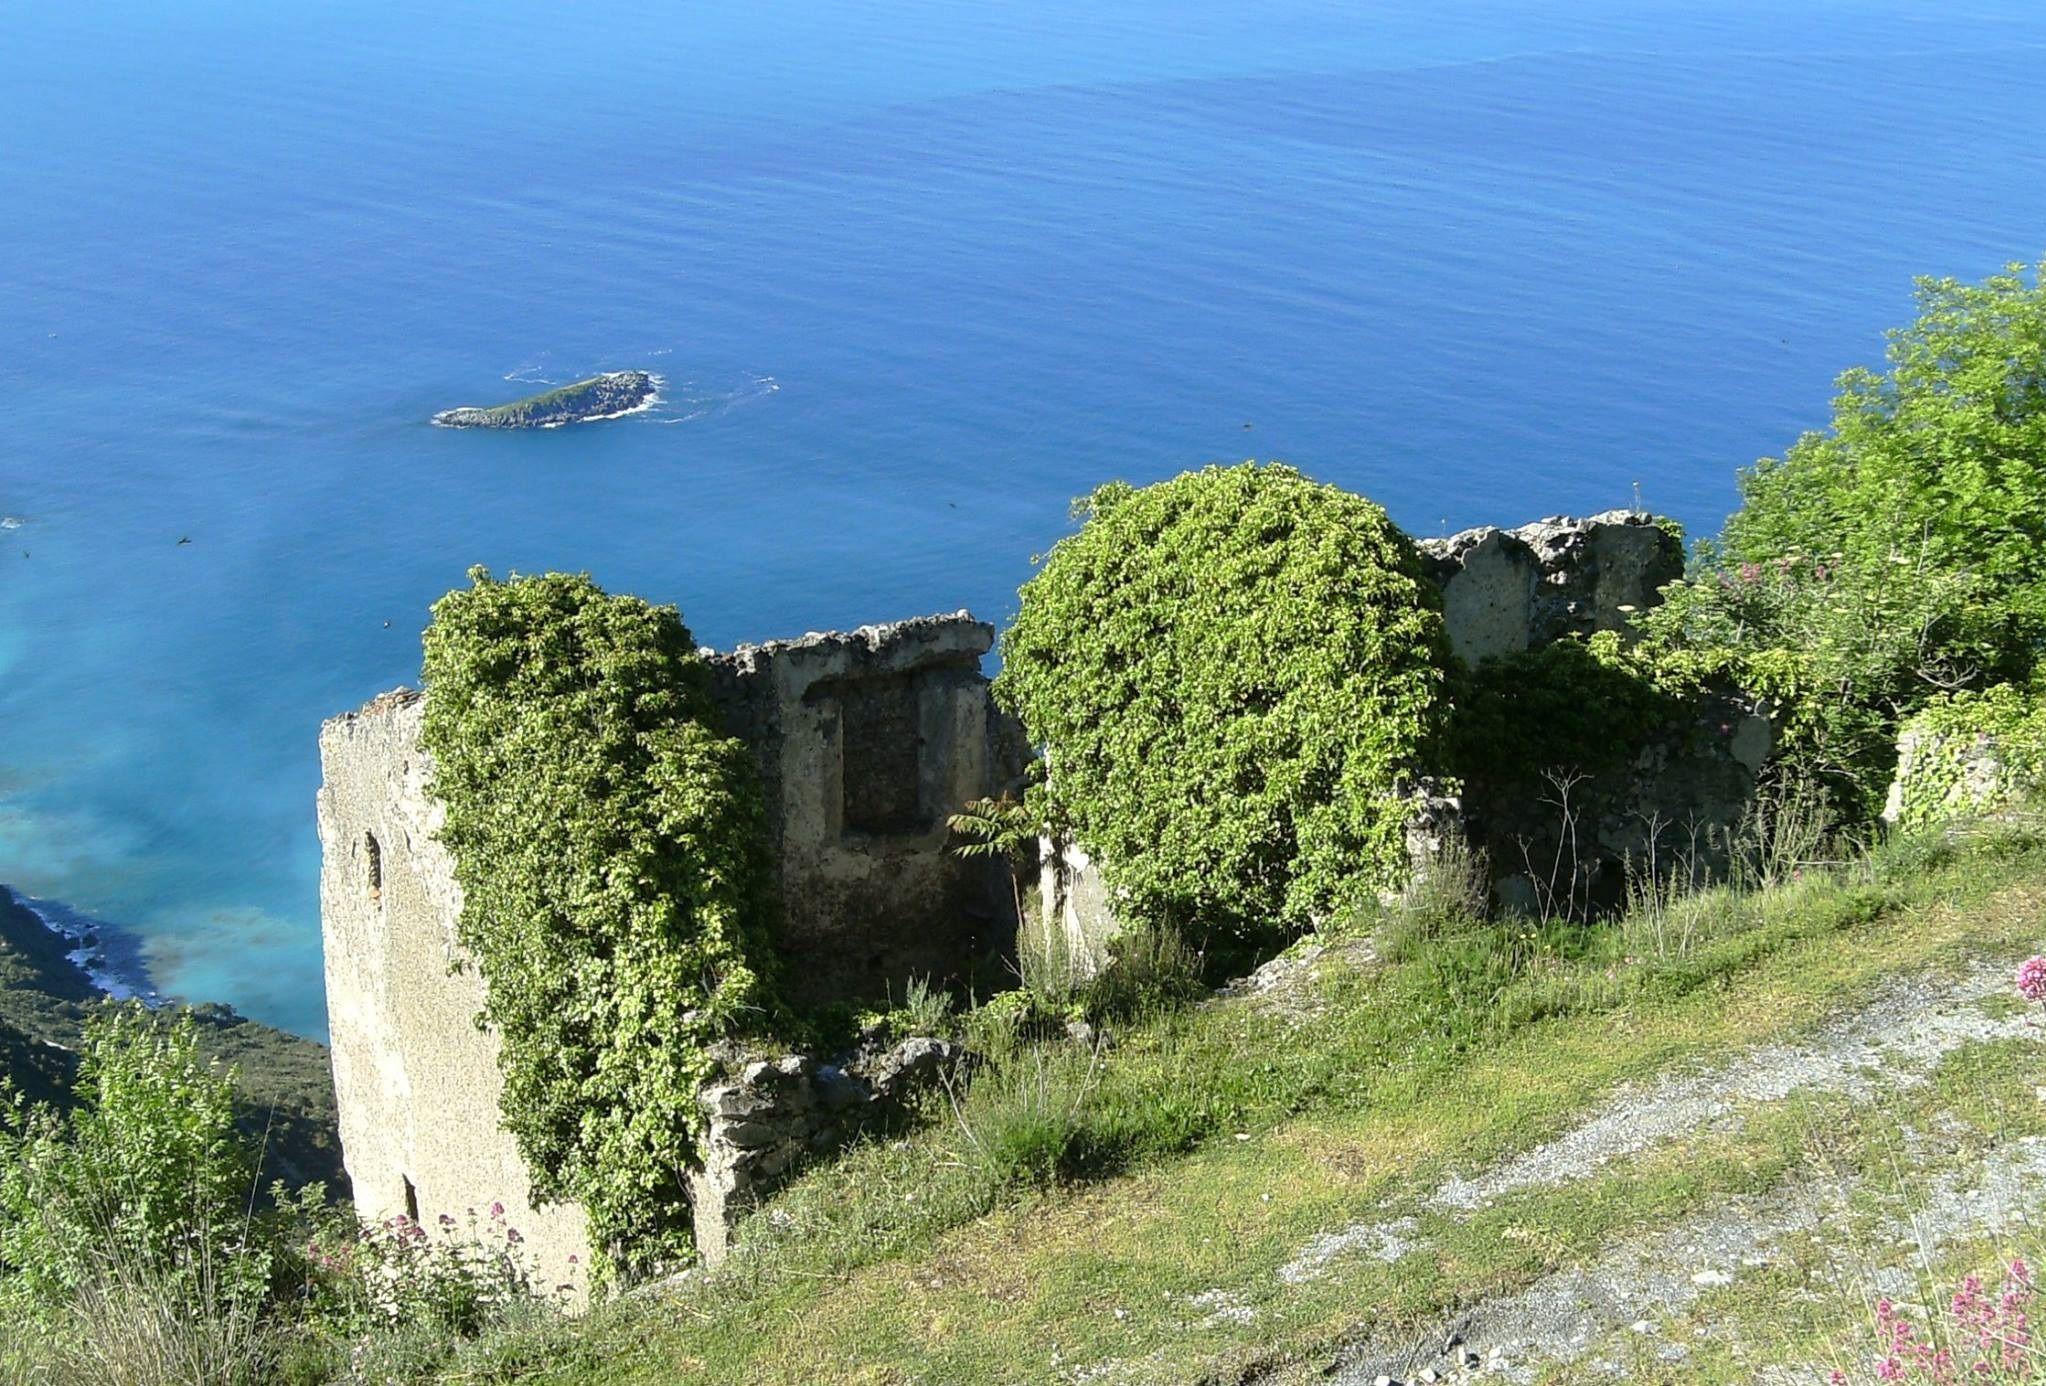 Monte San Biagio Maratea Vecchia (con immagini) Sano